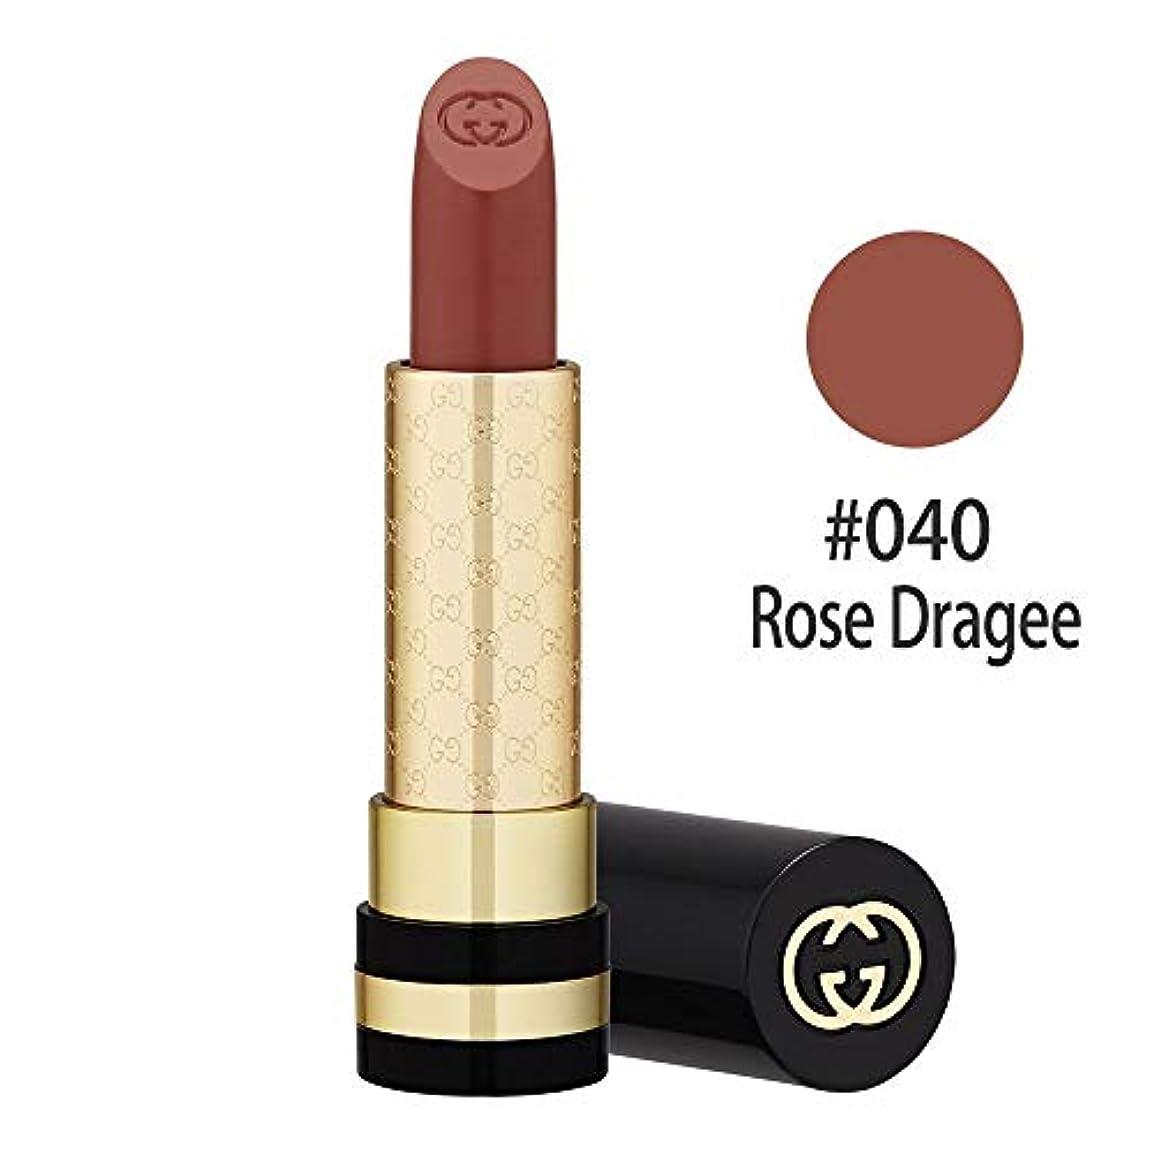 委任名前満たすGucci オーデイシャスカラーインテンスリップスティック #040 ROSE DRAGEE 3.5g [839615] [並行輸入品]